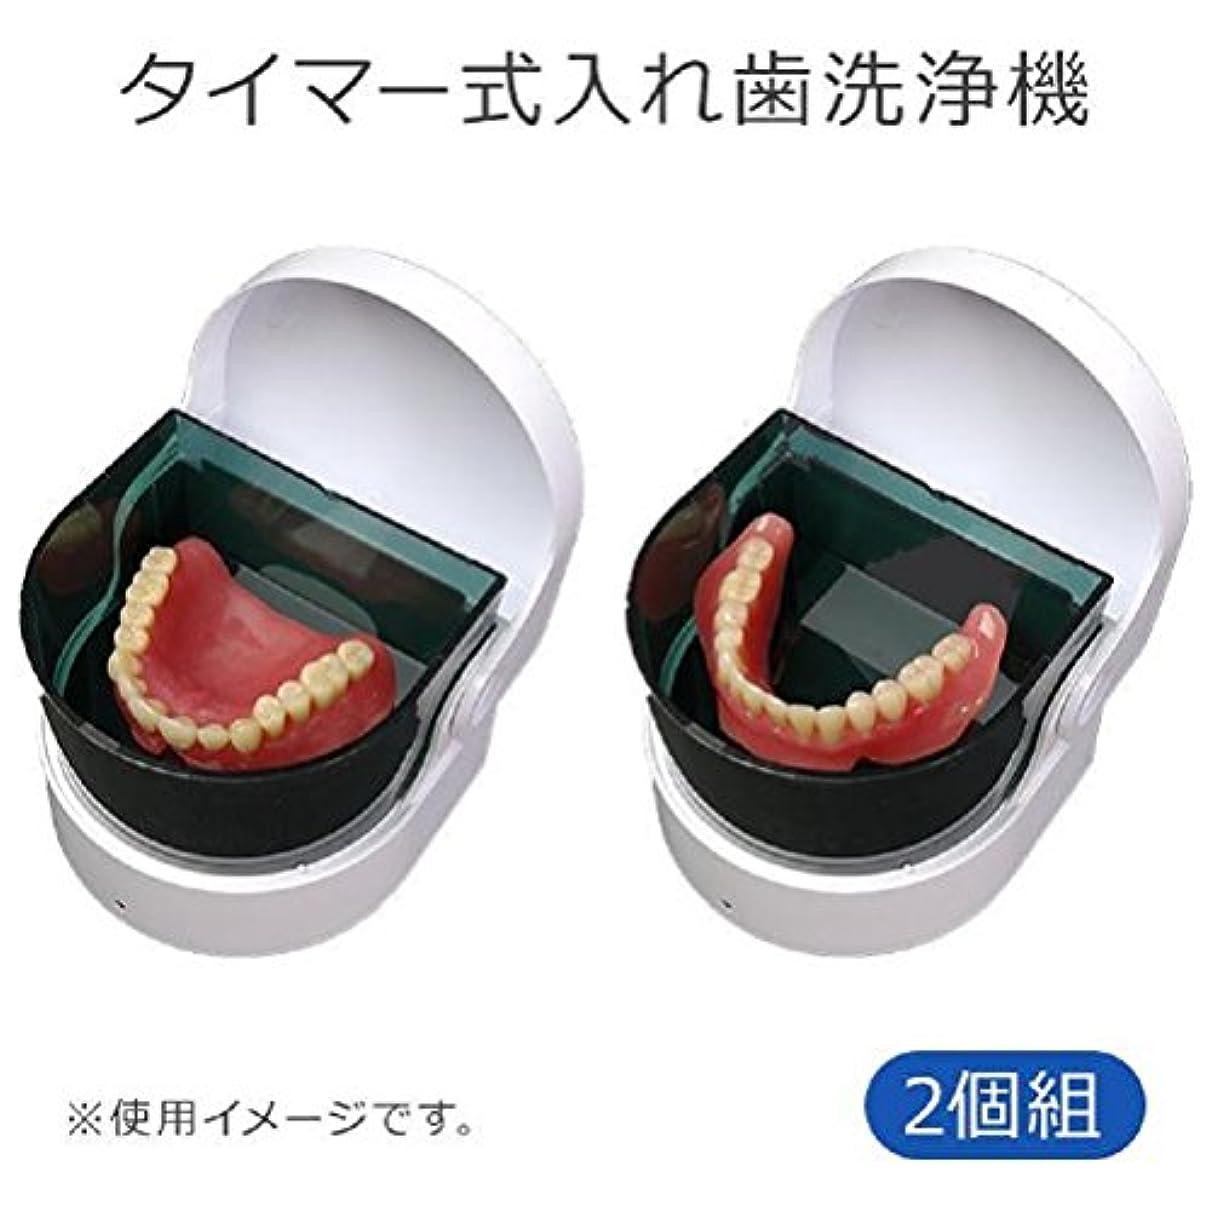 批判日記バブルタイマー式入れ歯洗浄機 2個組 K12327